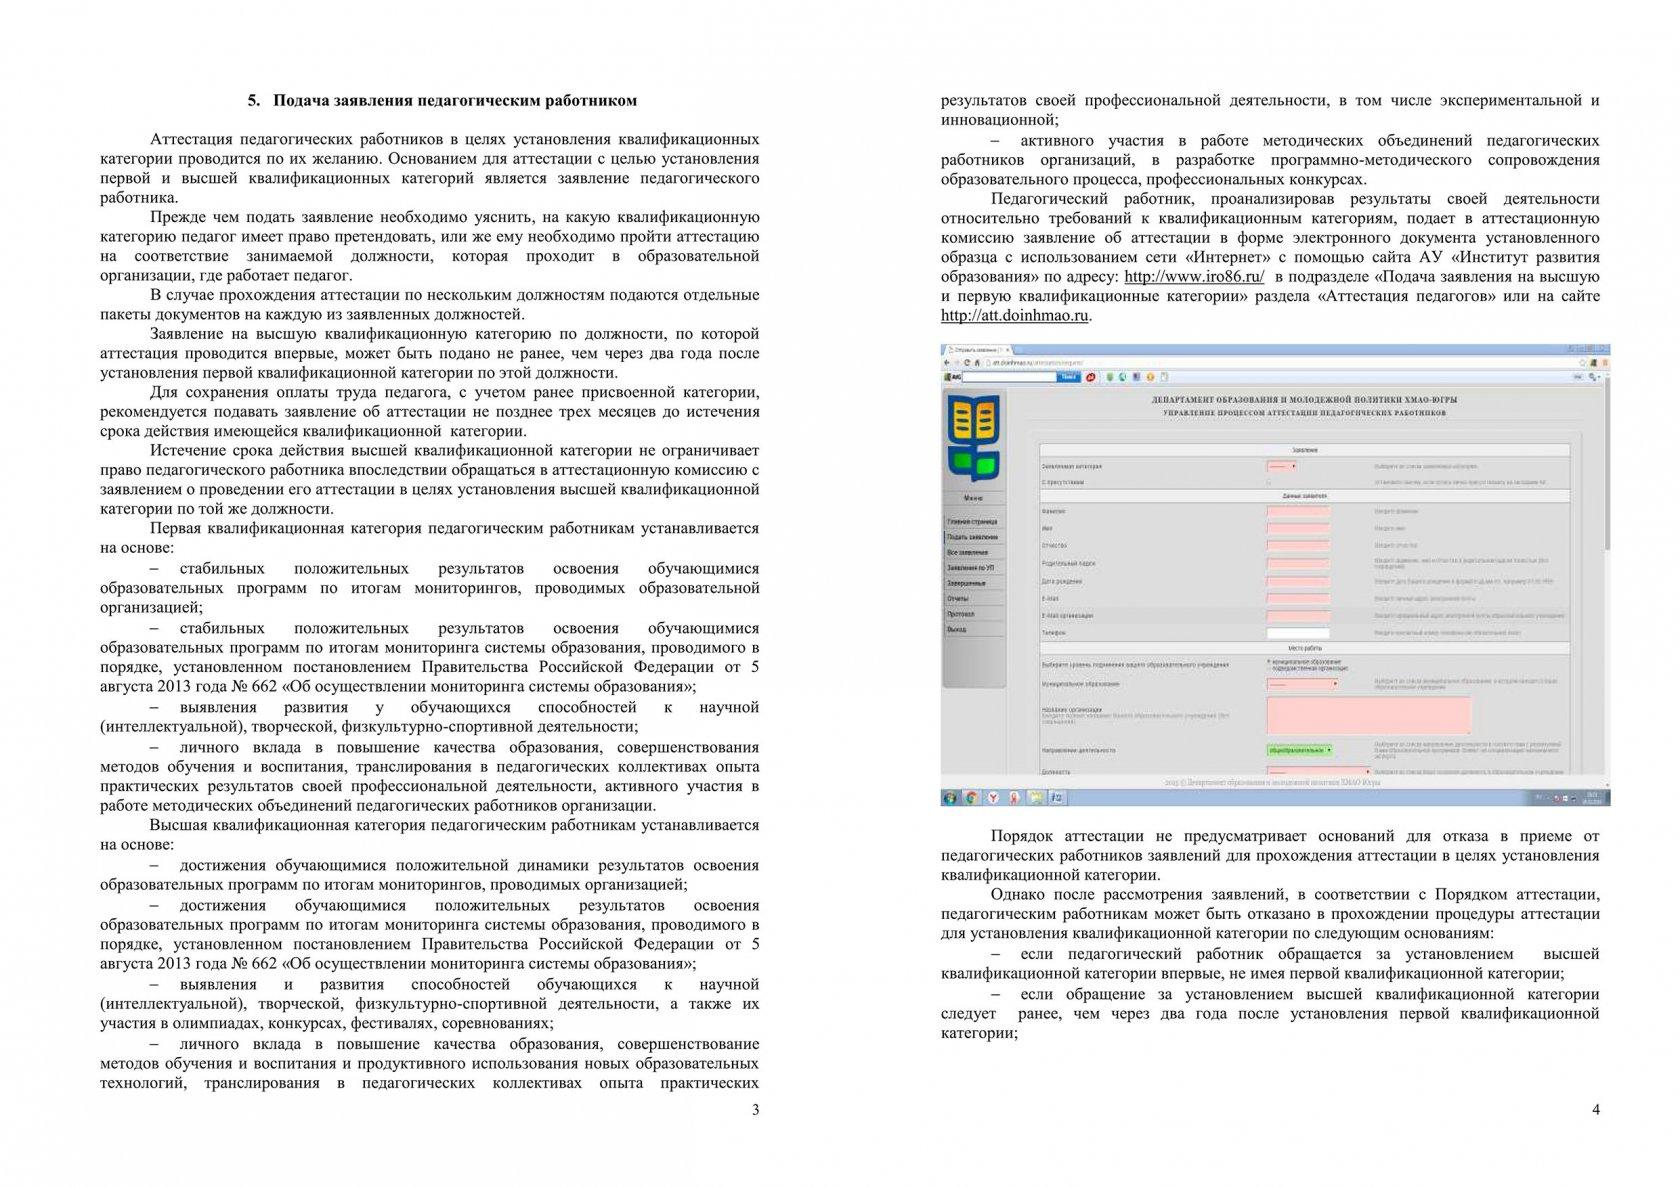 текст подтверждения на соответствие занимаемой должности воспитателя